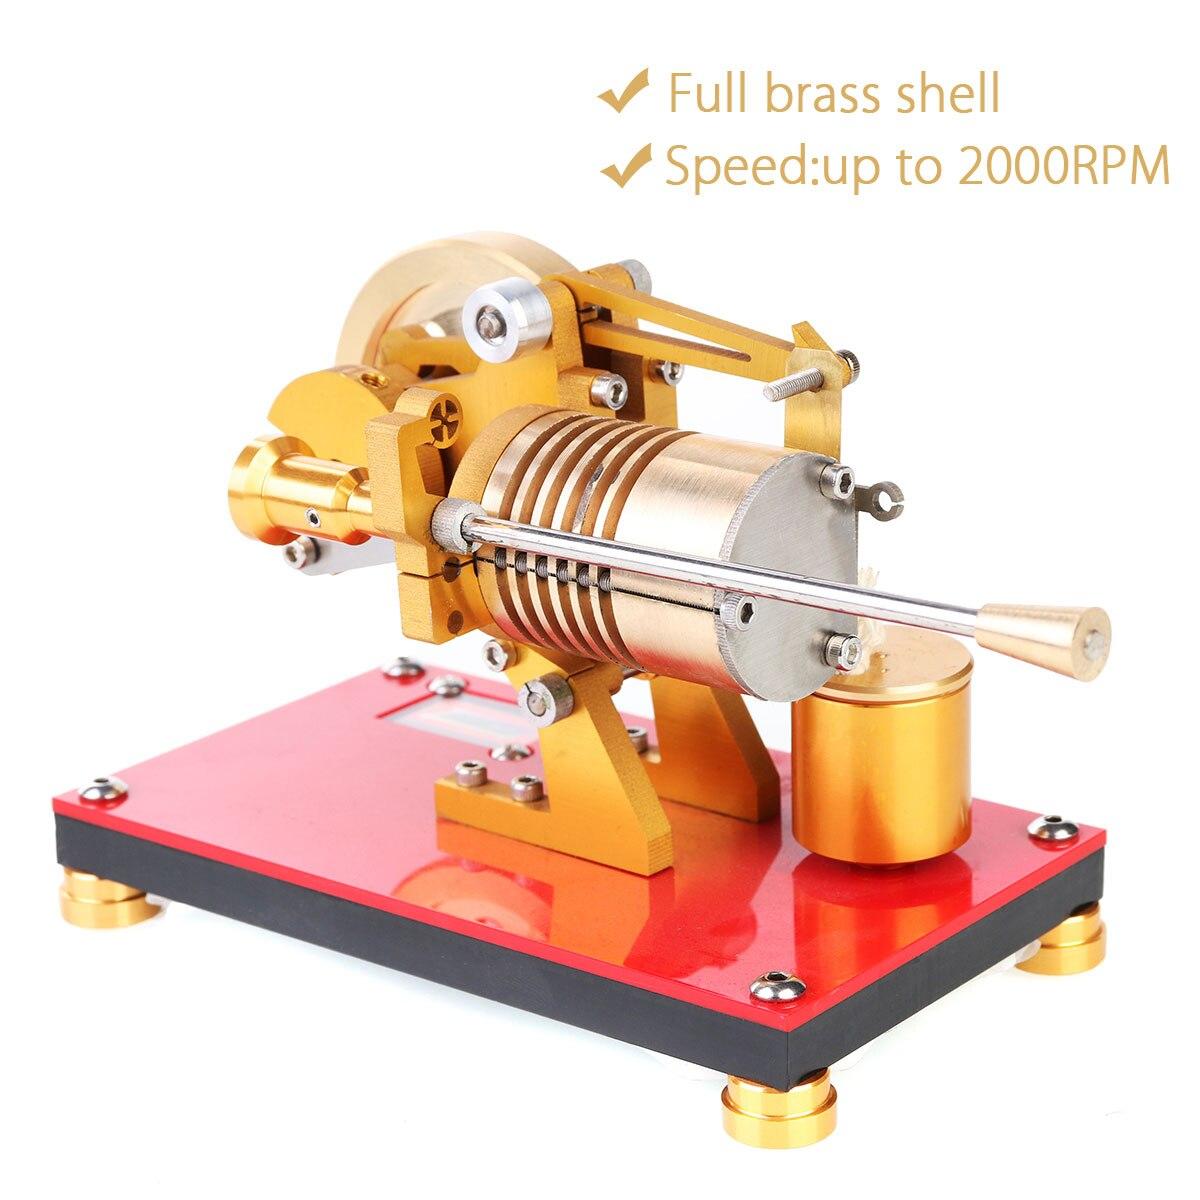 LBLA nouveau modèle de moteur Stirling moteur de puissance en métal jouet Miniature à vapeur pour jouets enfants éducatifs